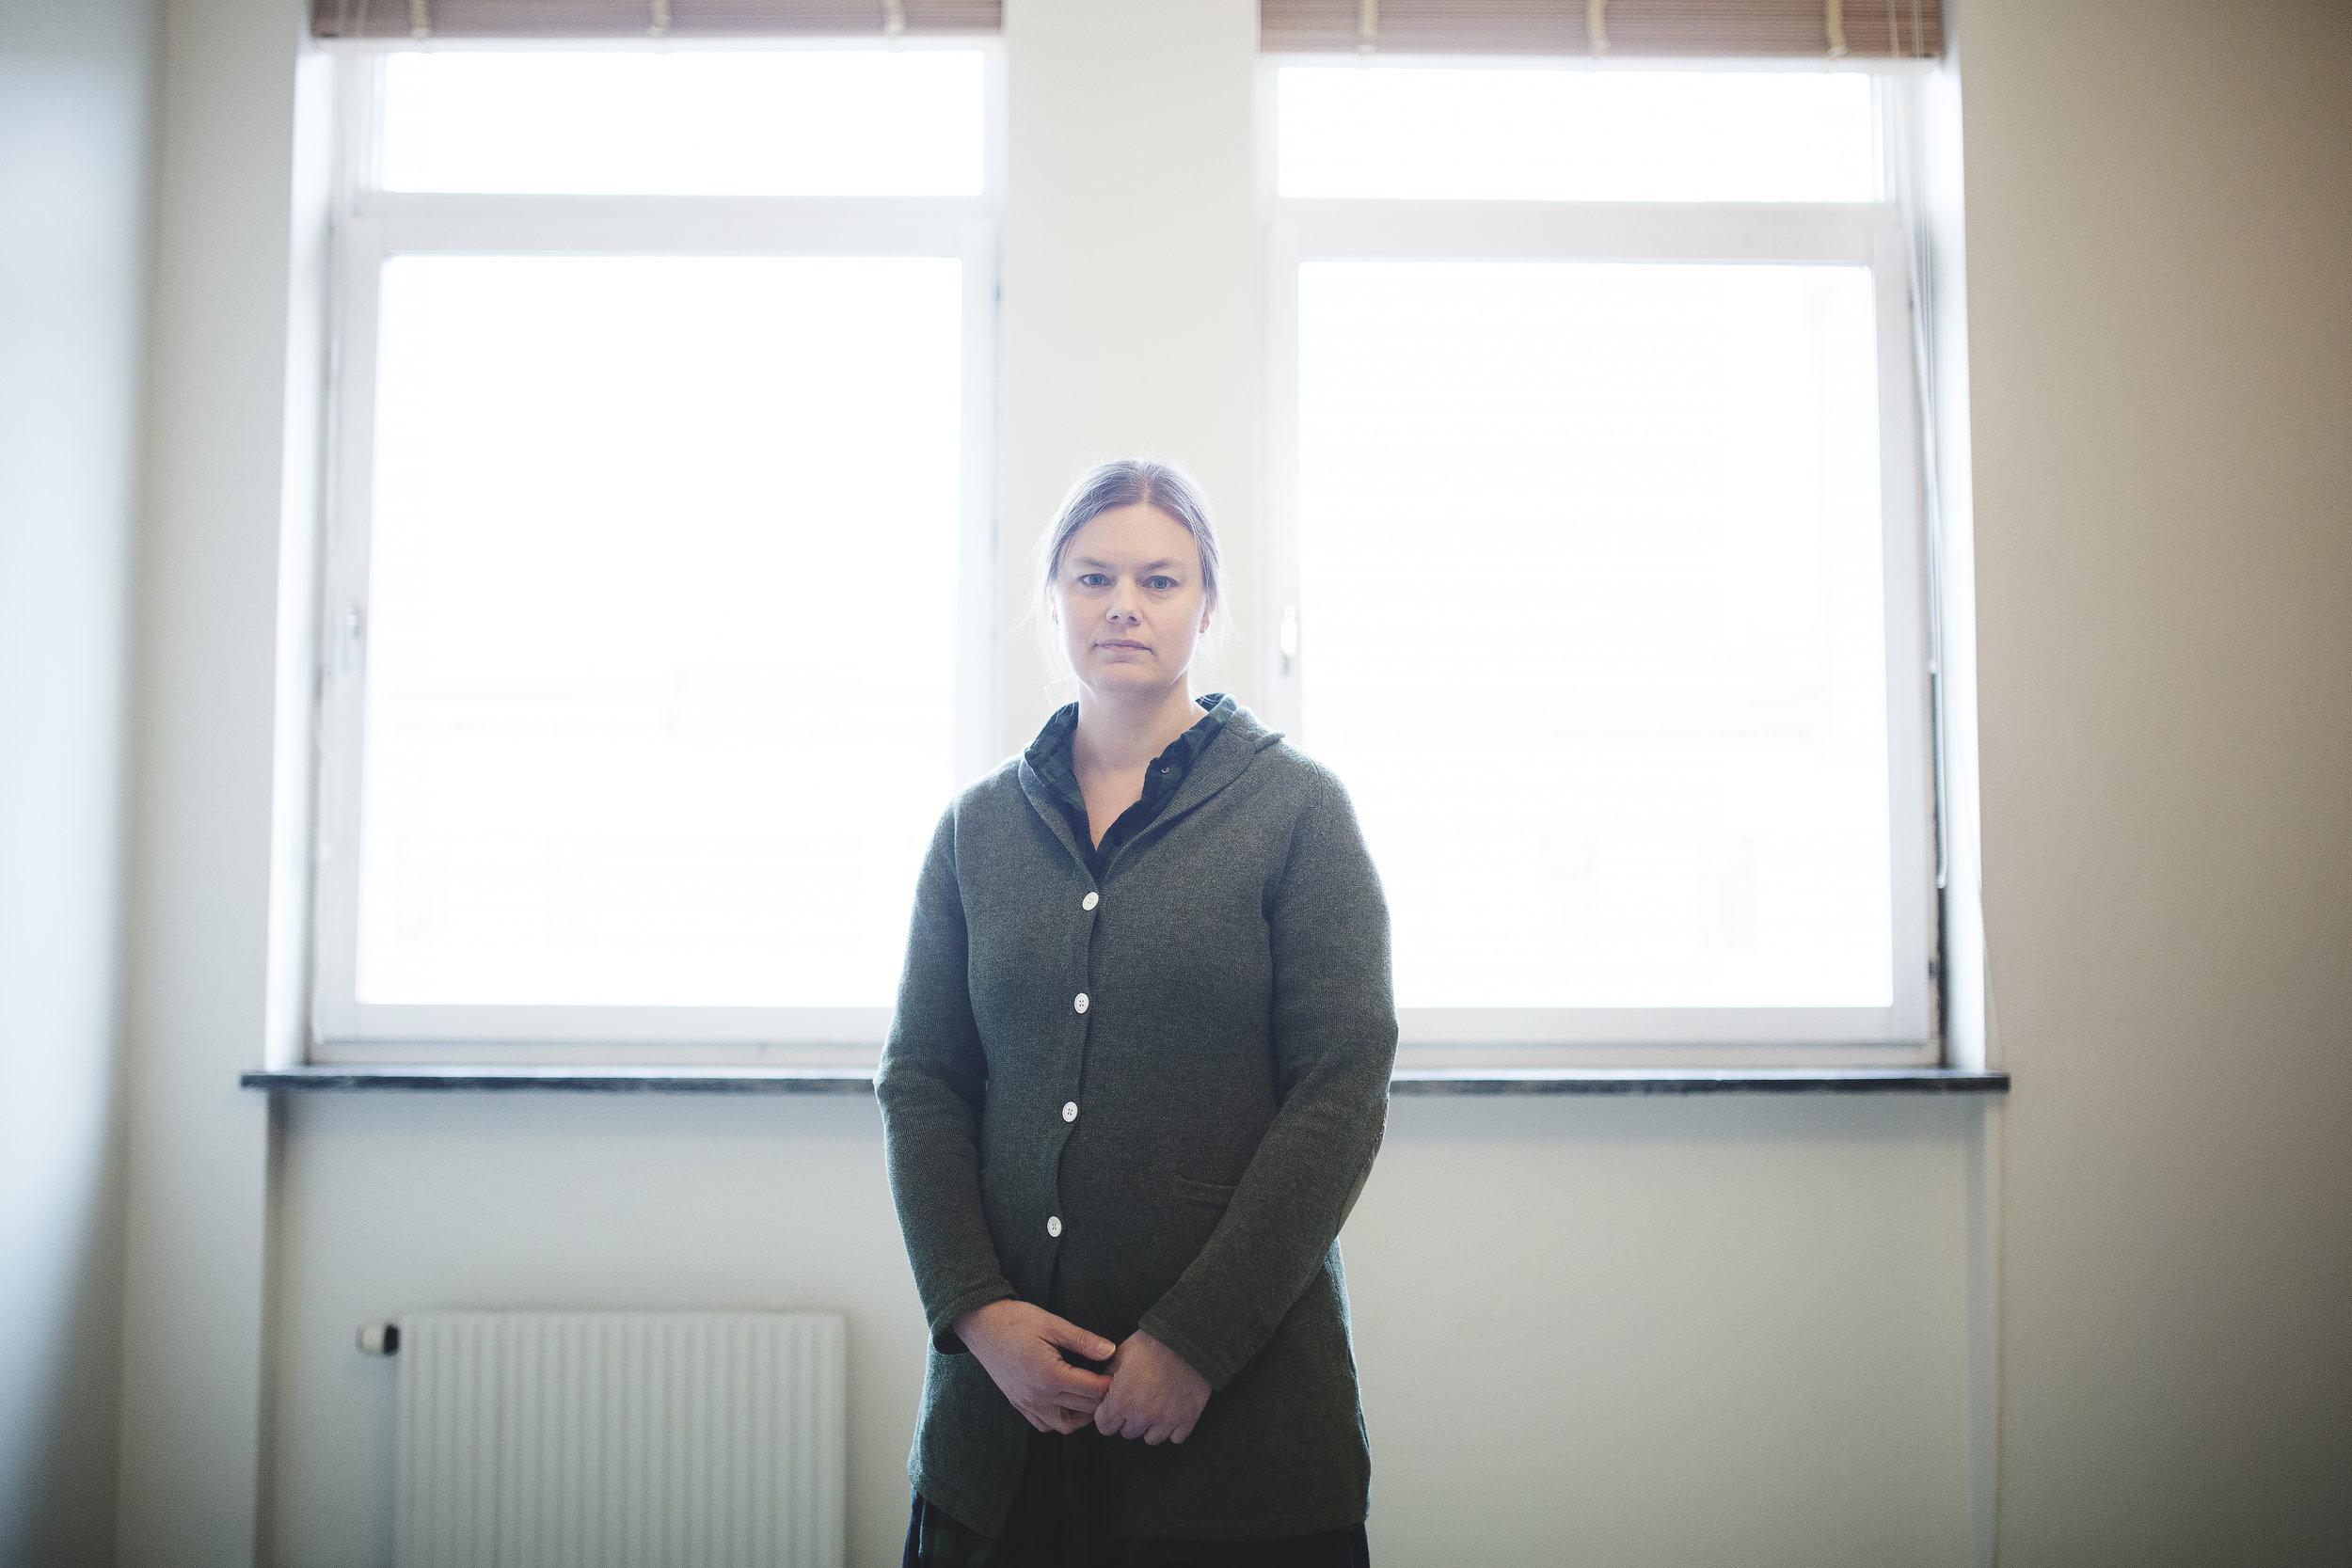 Anna Olsson - jobbade mellan 2010 och 2015 som psykolog på Häktet Göteborg. Hon anställdes i samband med en satsning på häktades mentala hälsa, efter en rad självmord på svenska häkten, och blev en av de första fast anställda häktespsykologerna i Sverige.